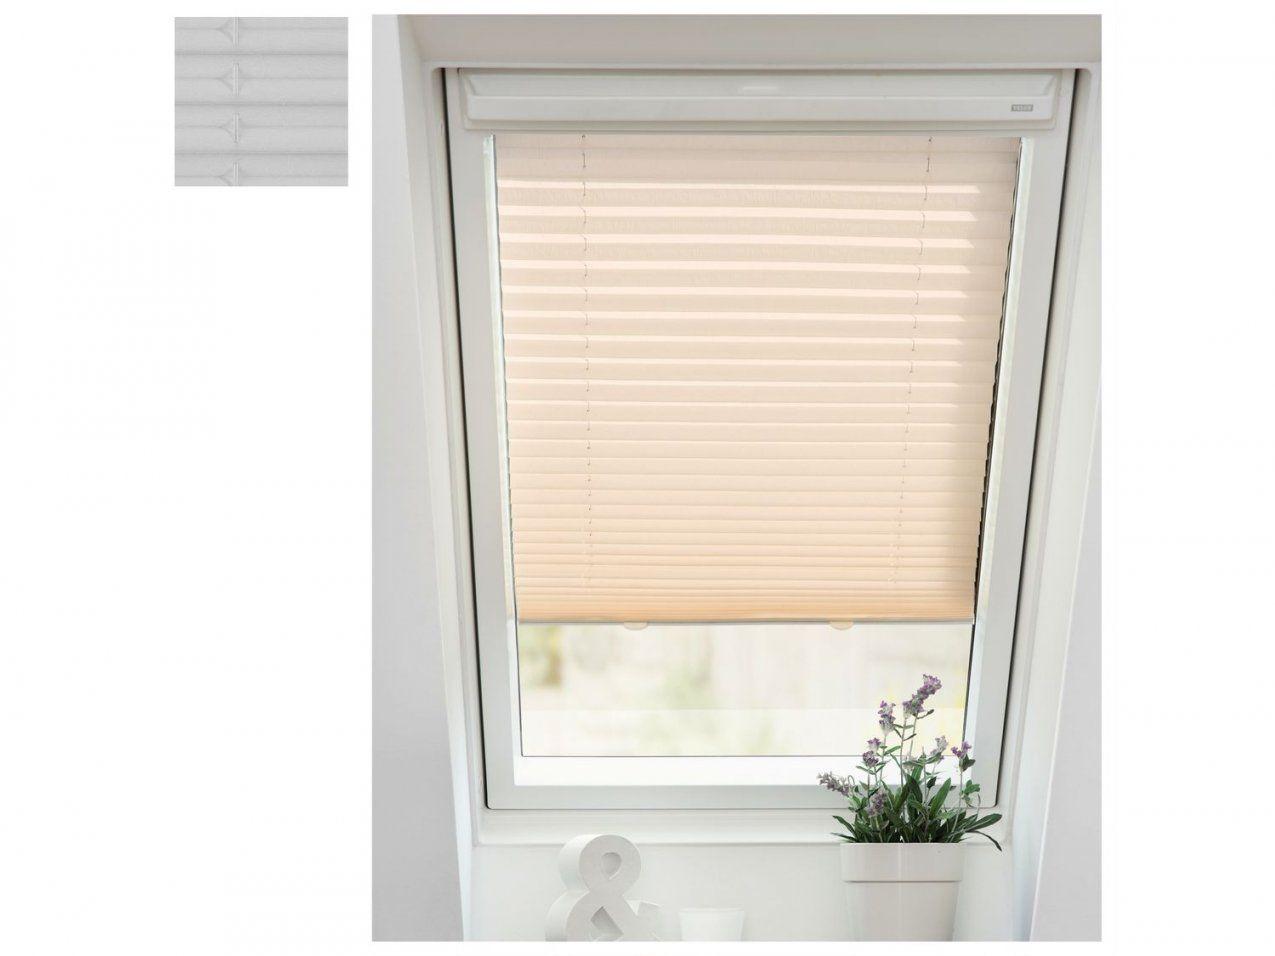 Lichtblick Dachfenster Plissee Haftfix Ohne Bohren  Lidl von Roto Dachfenster Plissee Ohne Bohren Photo